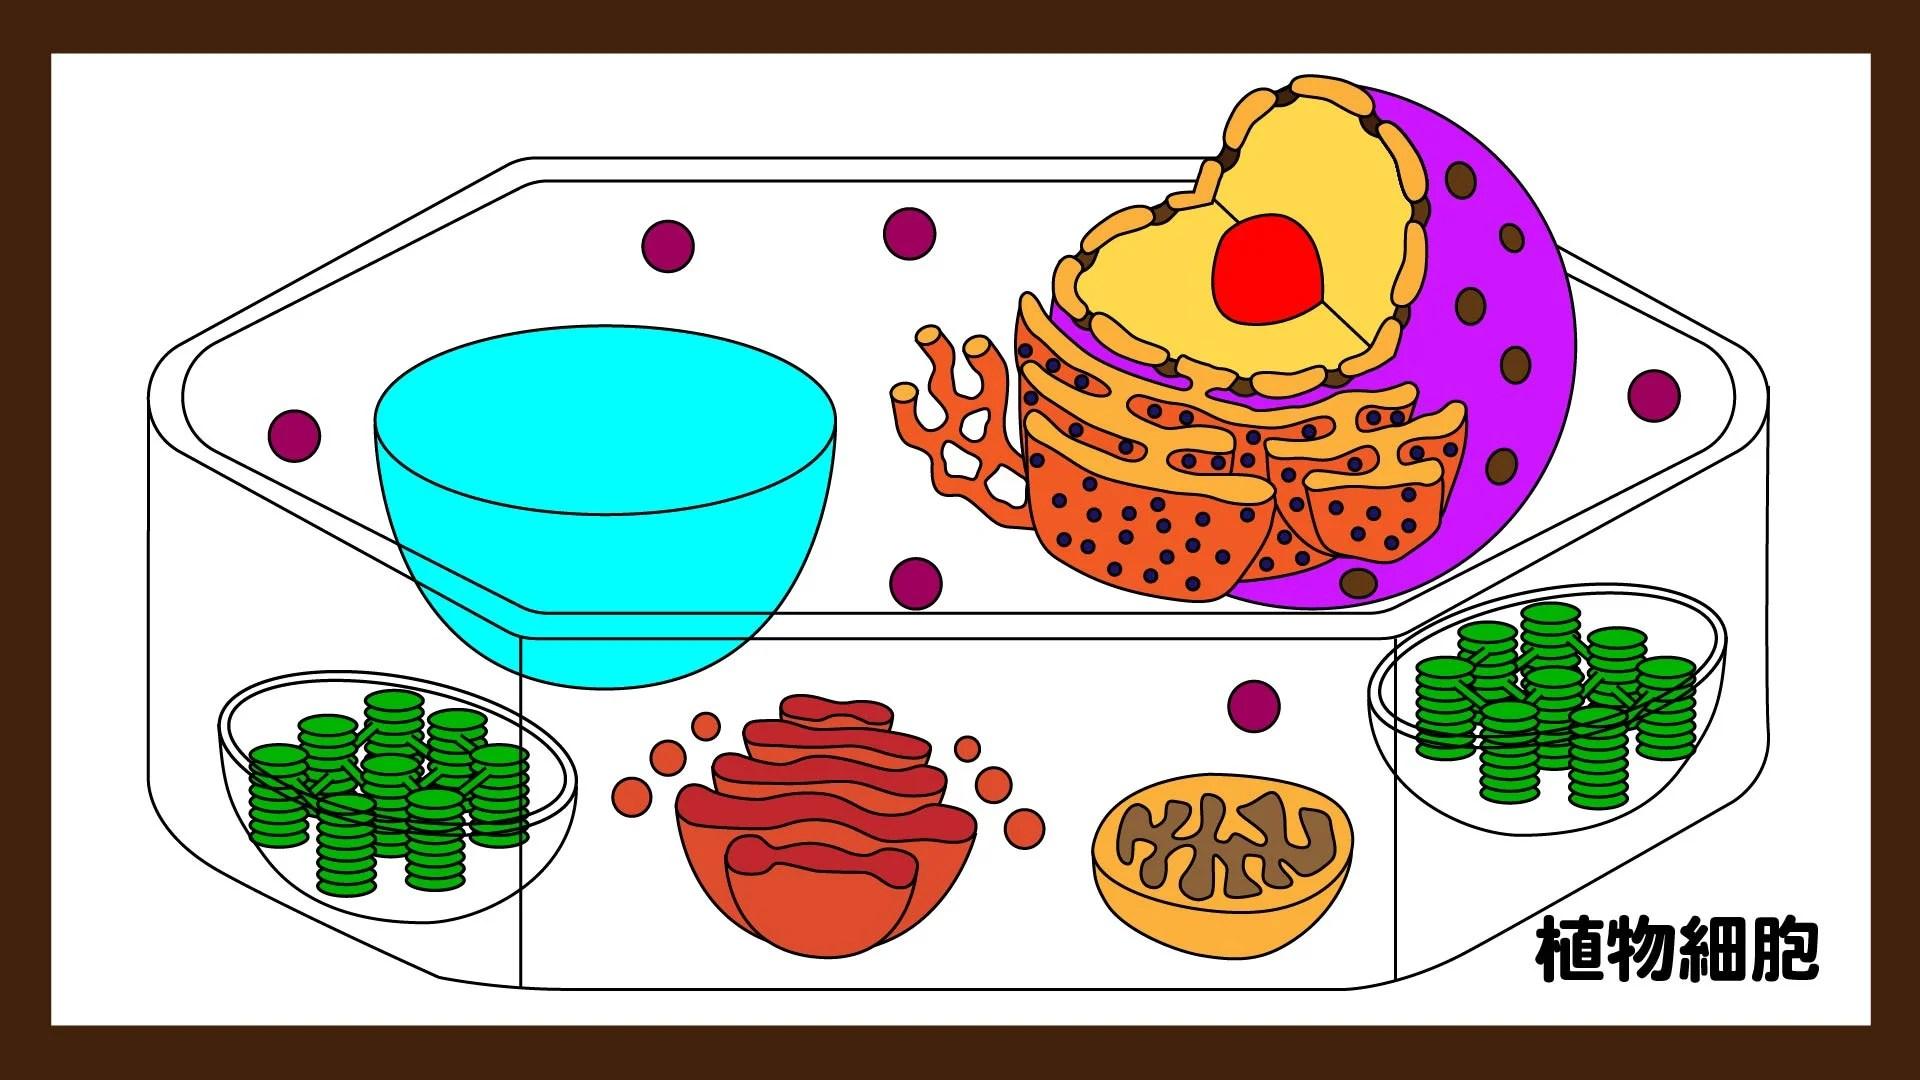 動物細胞のみ 細胞小器官